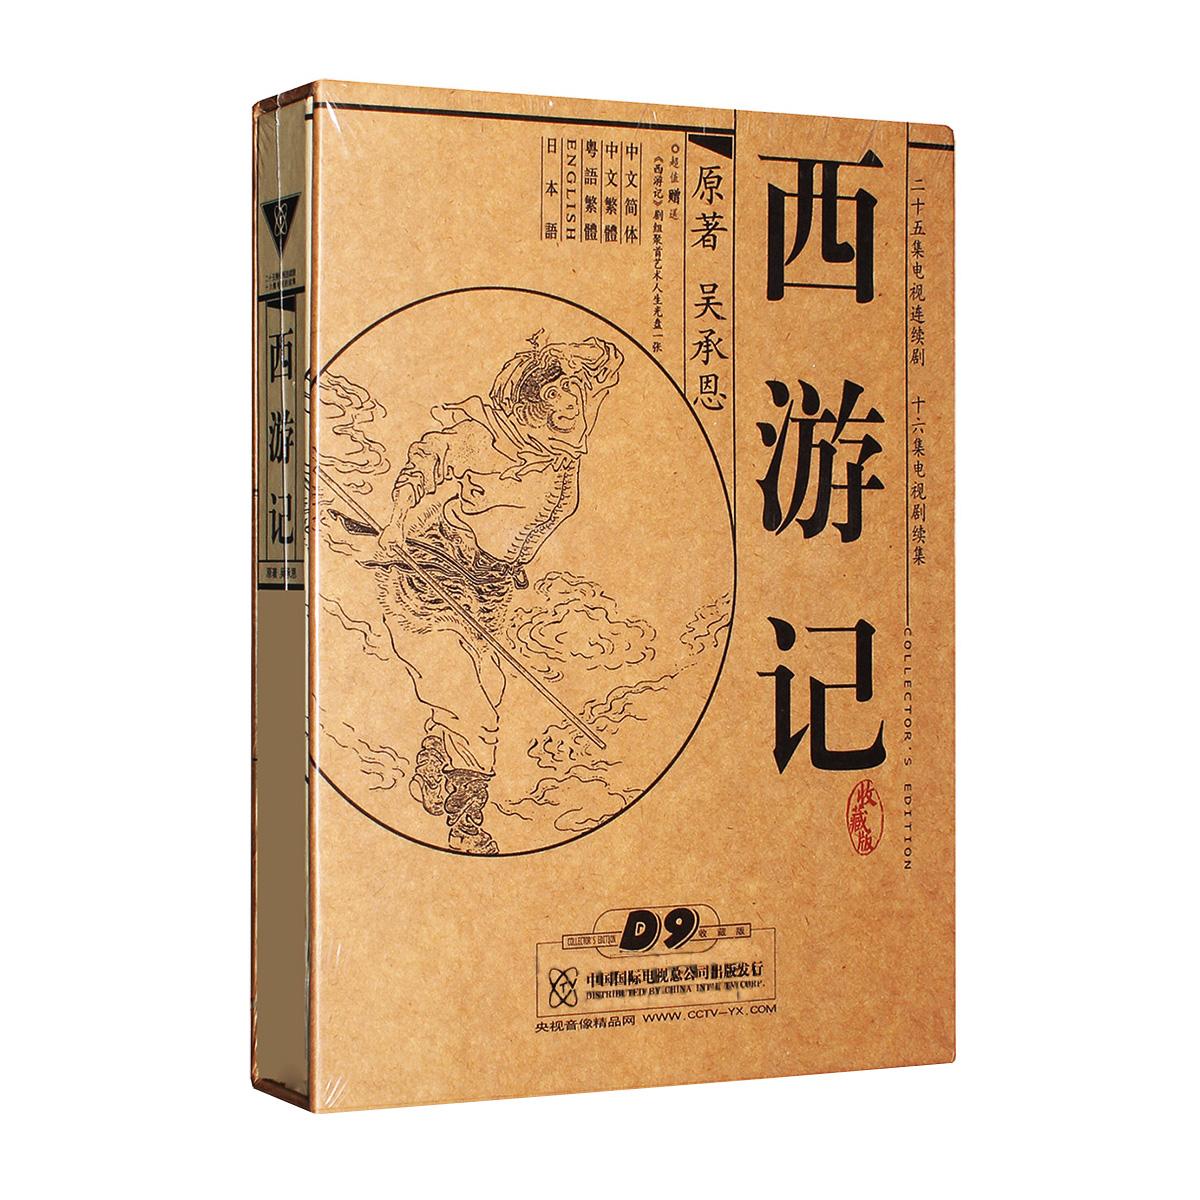 正版电视剧西游记10DVD高清全集央视86版珍藏老光盘碟片六小龄童